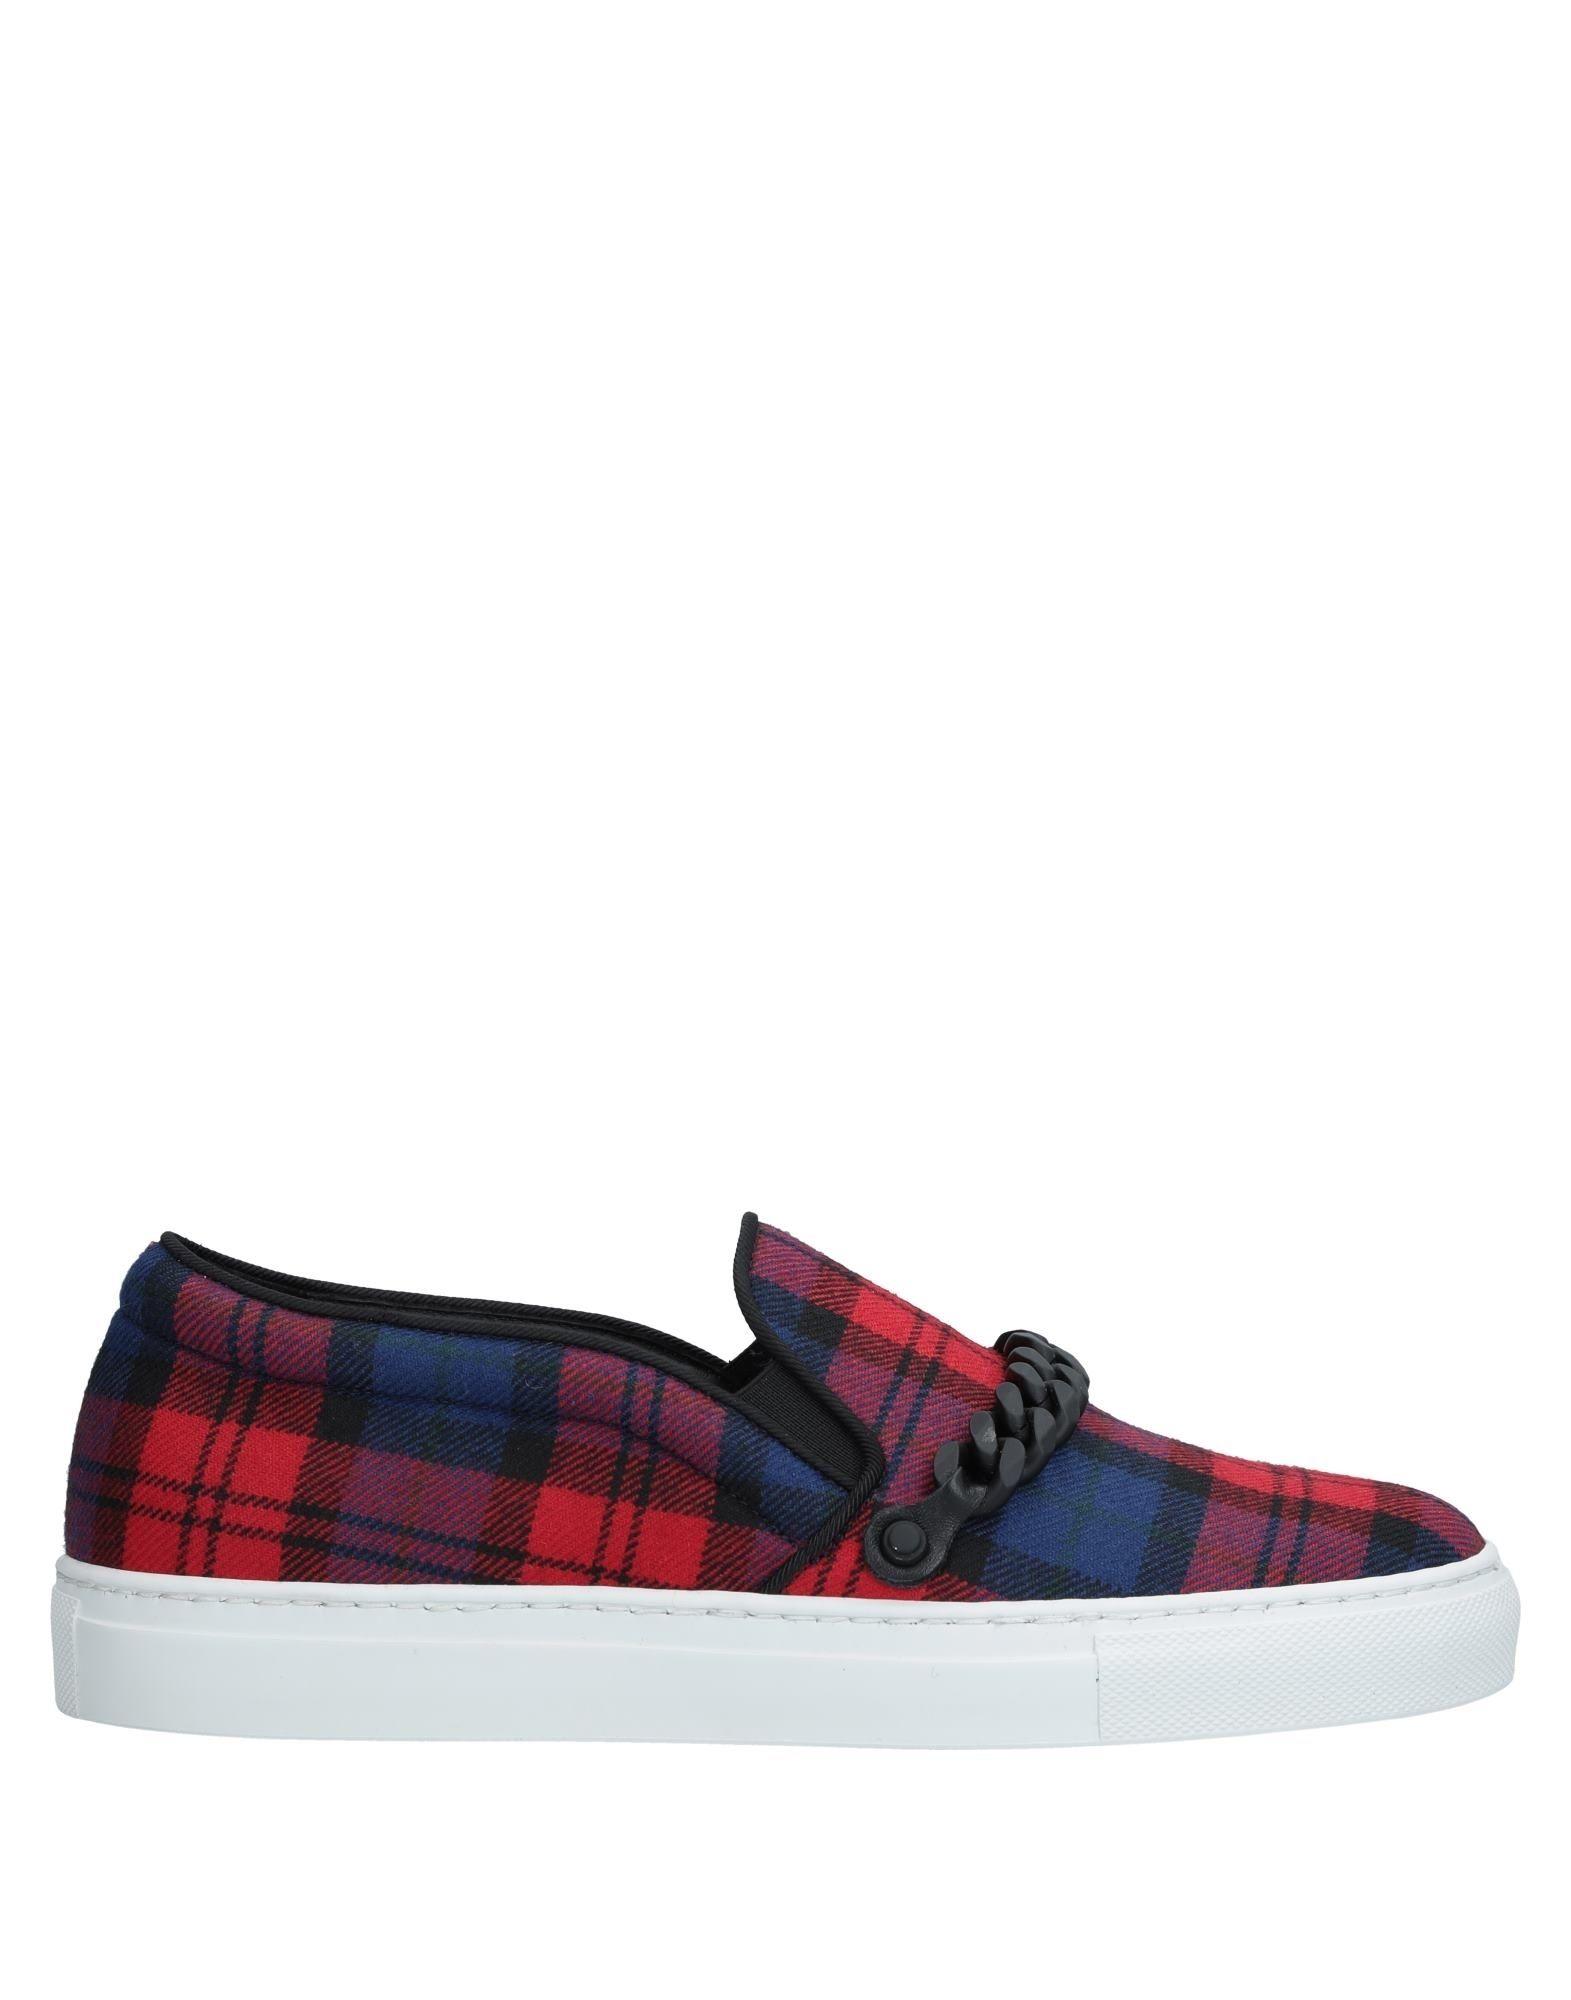 Louis Leeman Sneakers Herren  11542193NJ Gute Qualität beliebte Schuhe